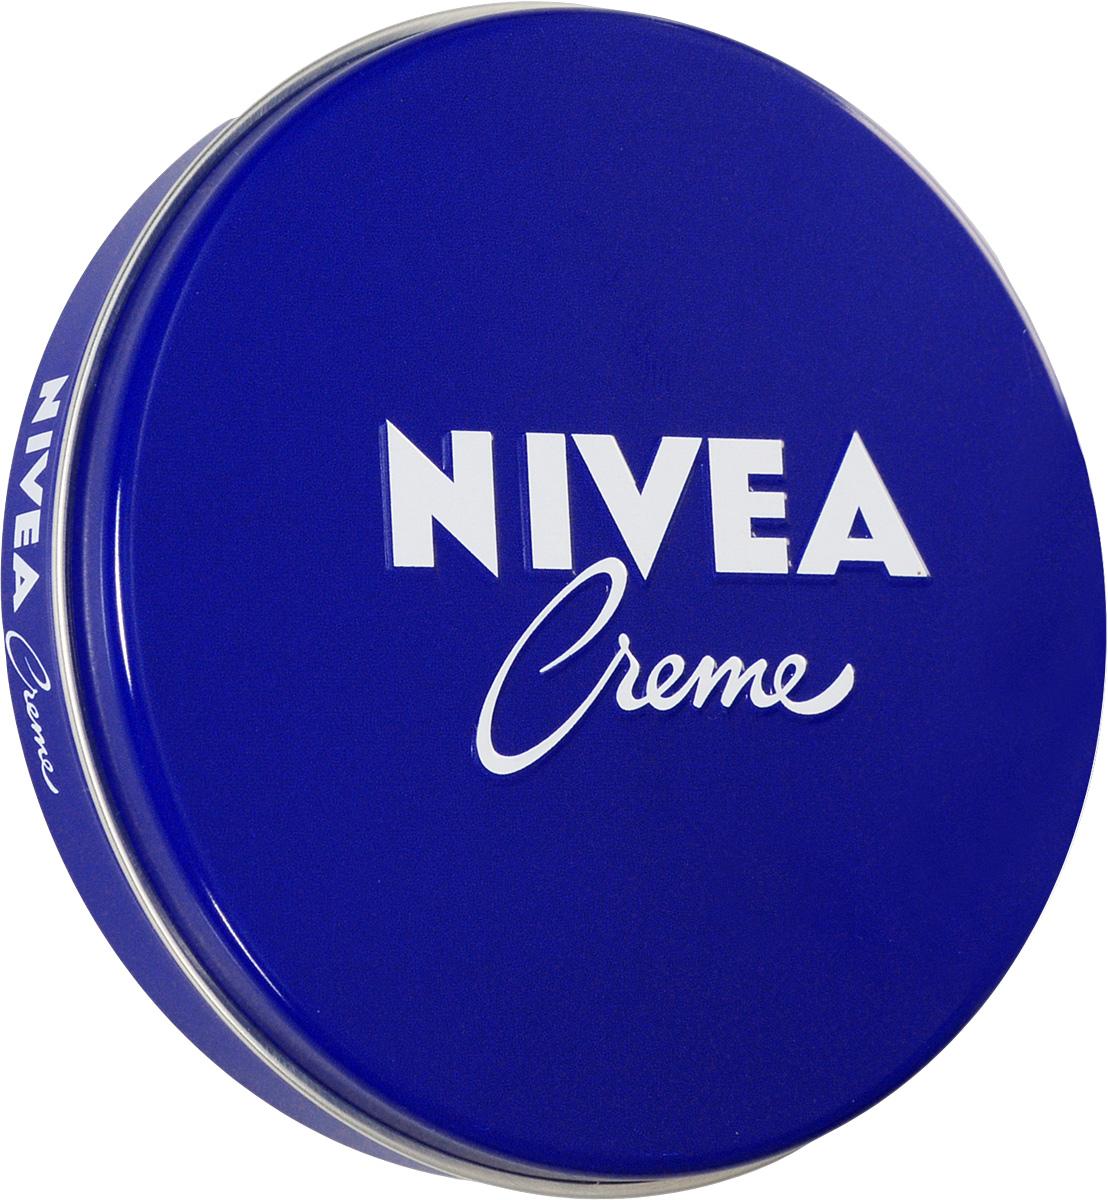 Nivea крем для кожи Nivea Creme, увлажняющий, универсальный, 75 мл100112153NIVEA Creme - универсальный увлажняющий крем. Благодаря уникальной формуле с эвцеритом, пантенолом и глицерином, крем прекрасно увлажняет, питает и бережно ухаживает за кожей тела, особенно за ее сухими участками. NIVEA Creme не содержит консервантов и поэтому подходит даже для нежной детской кожи. Продукт одобрен дерматологами. Товар сертифицирован.